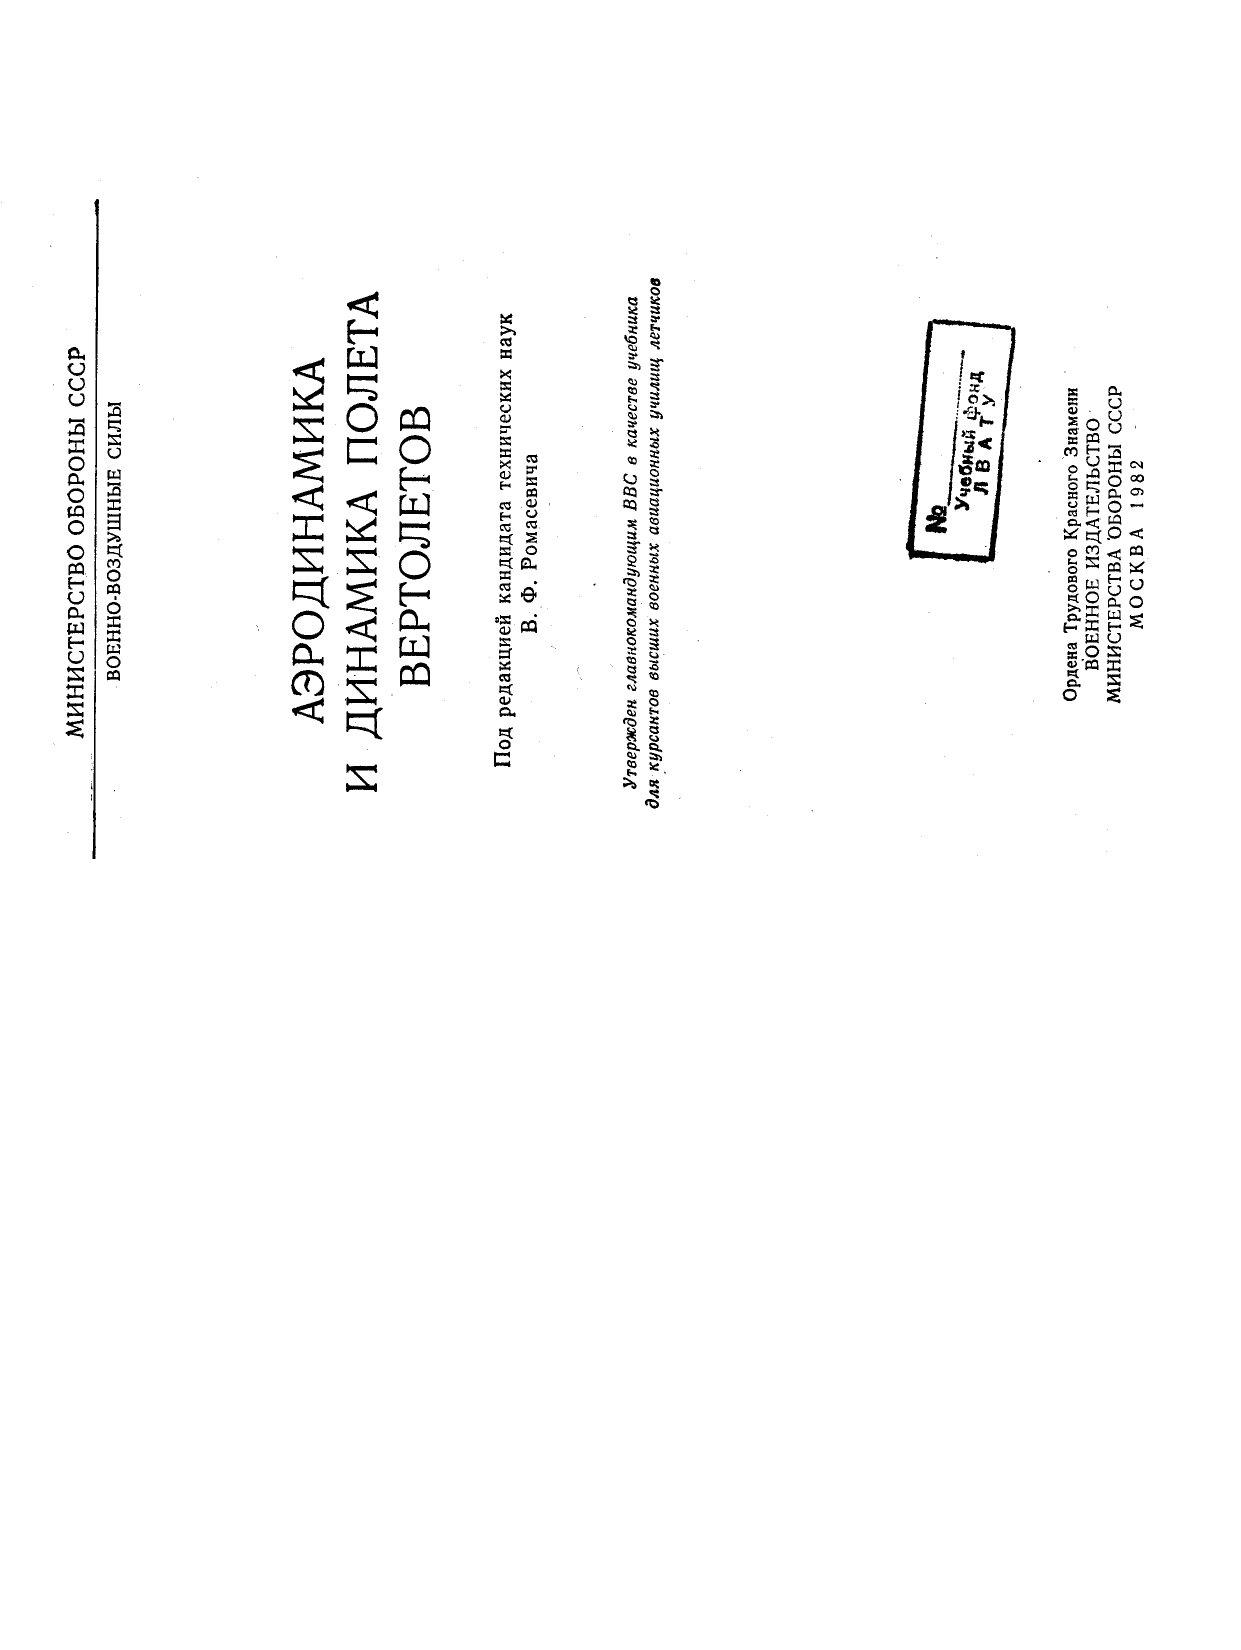 Аэродинамика и динамика полета вертолетов